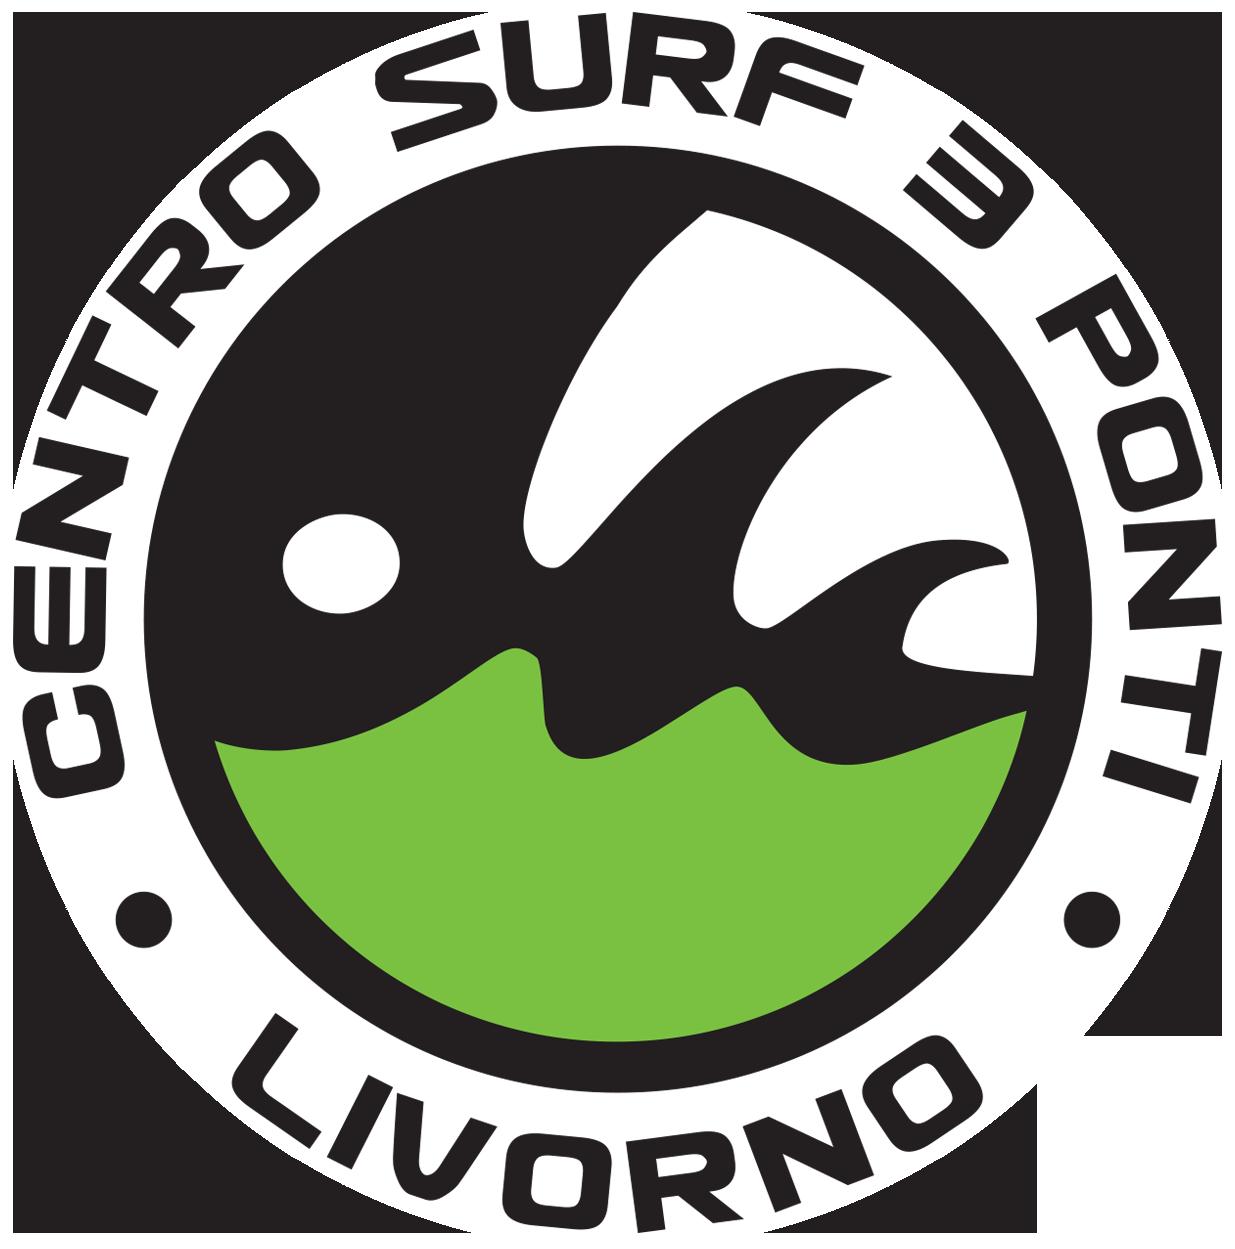 Logo Centro Surf 3Ponti Livorno